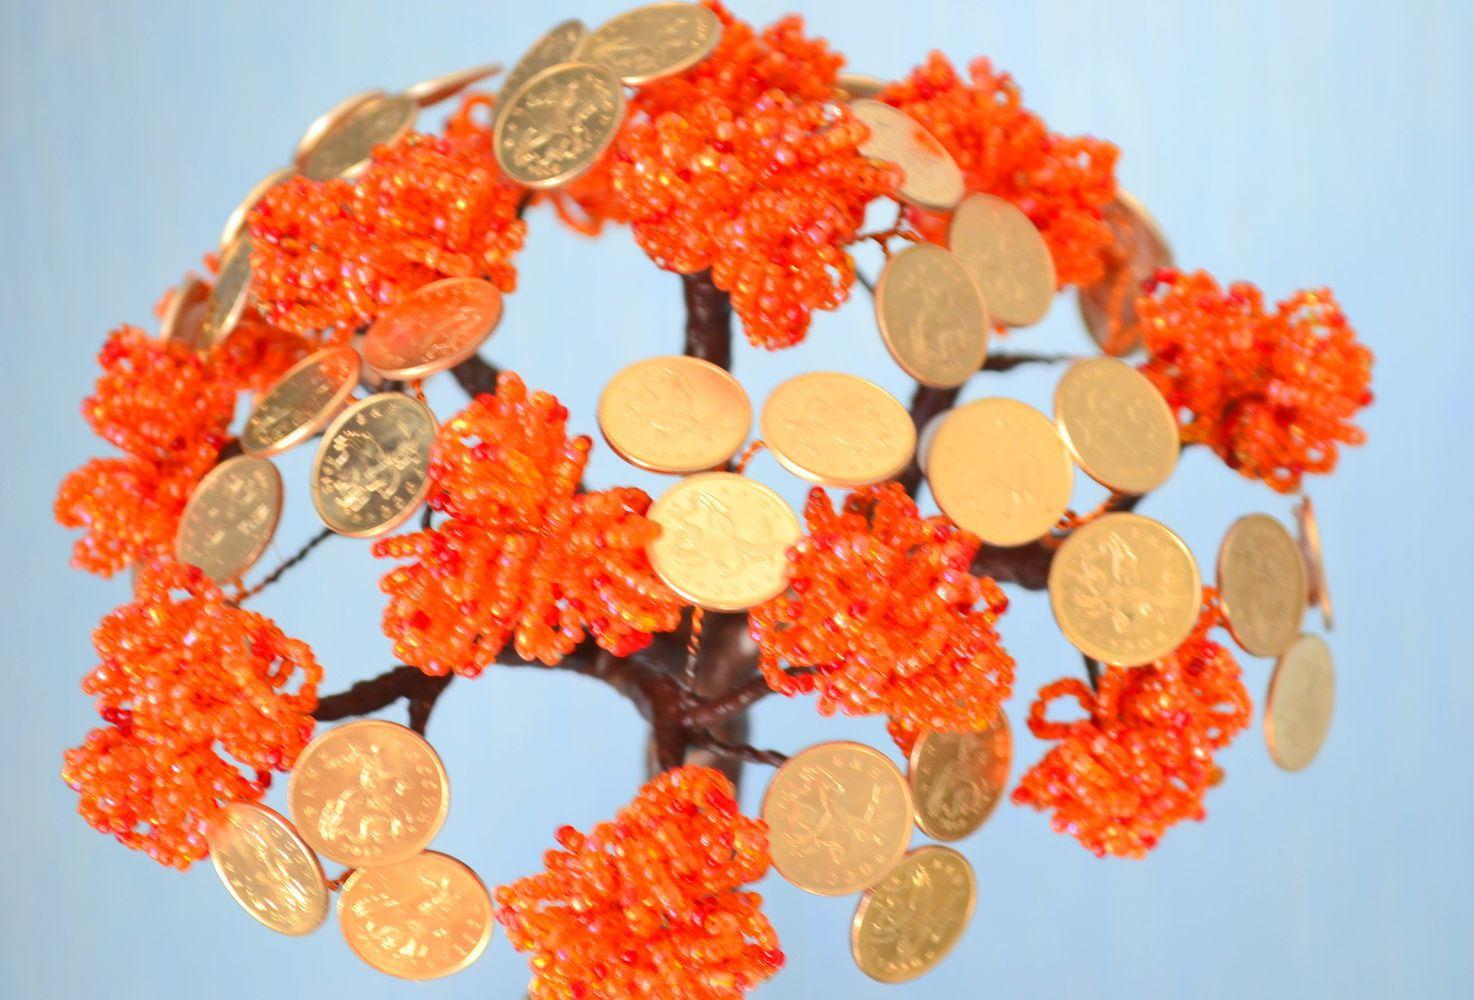 Яркое денежное дерево из бисера с монетами будет радовать взгляды каждый день